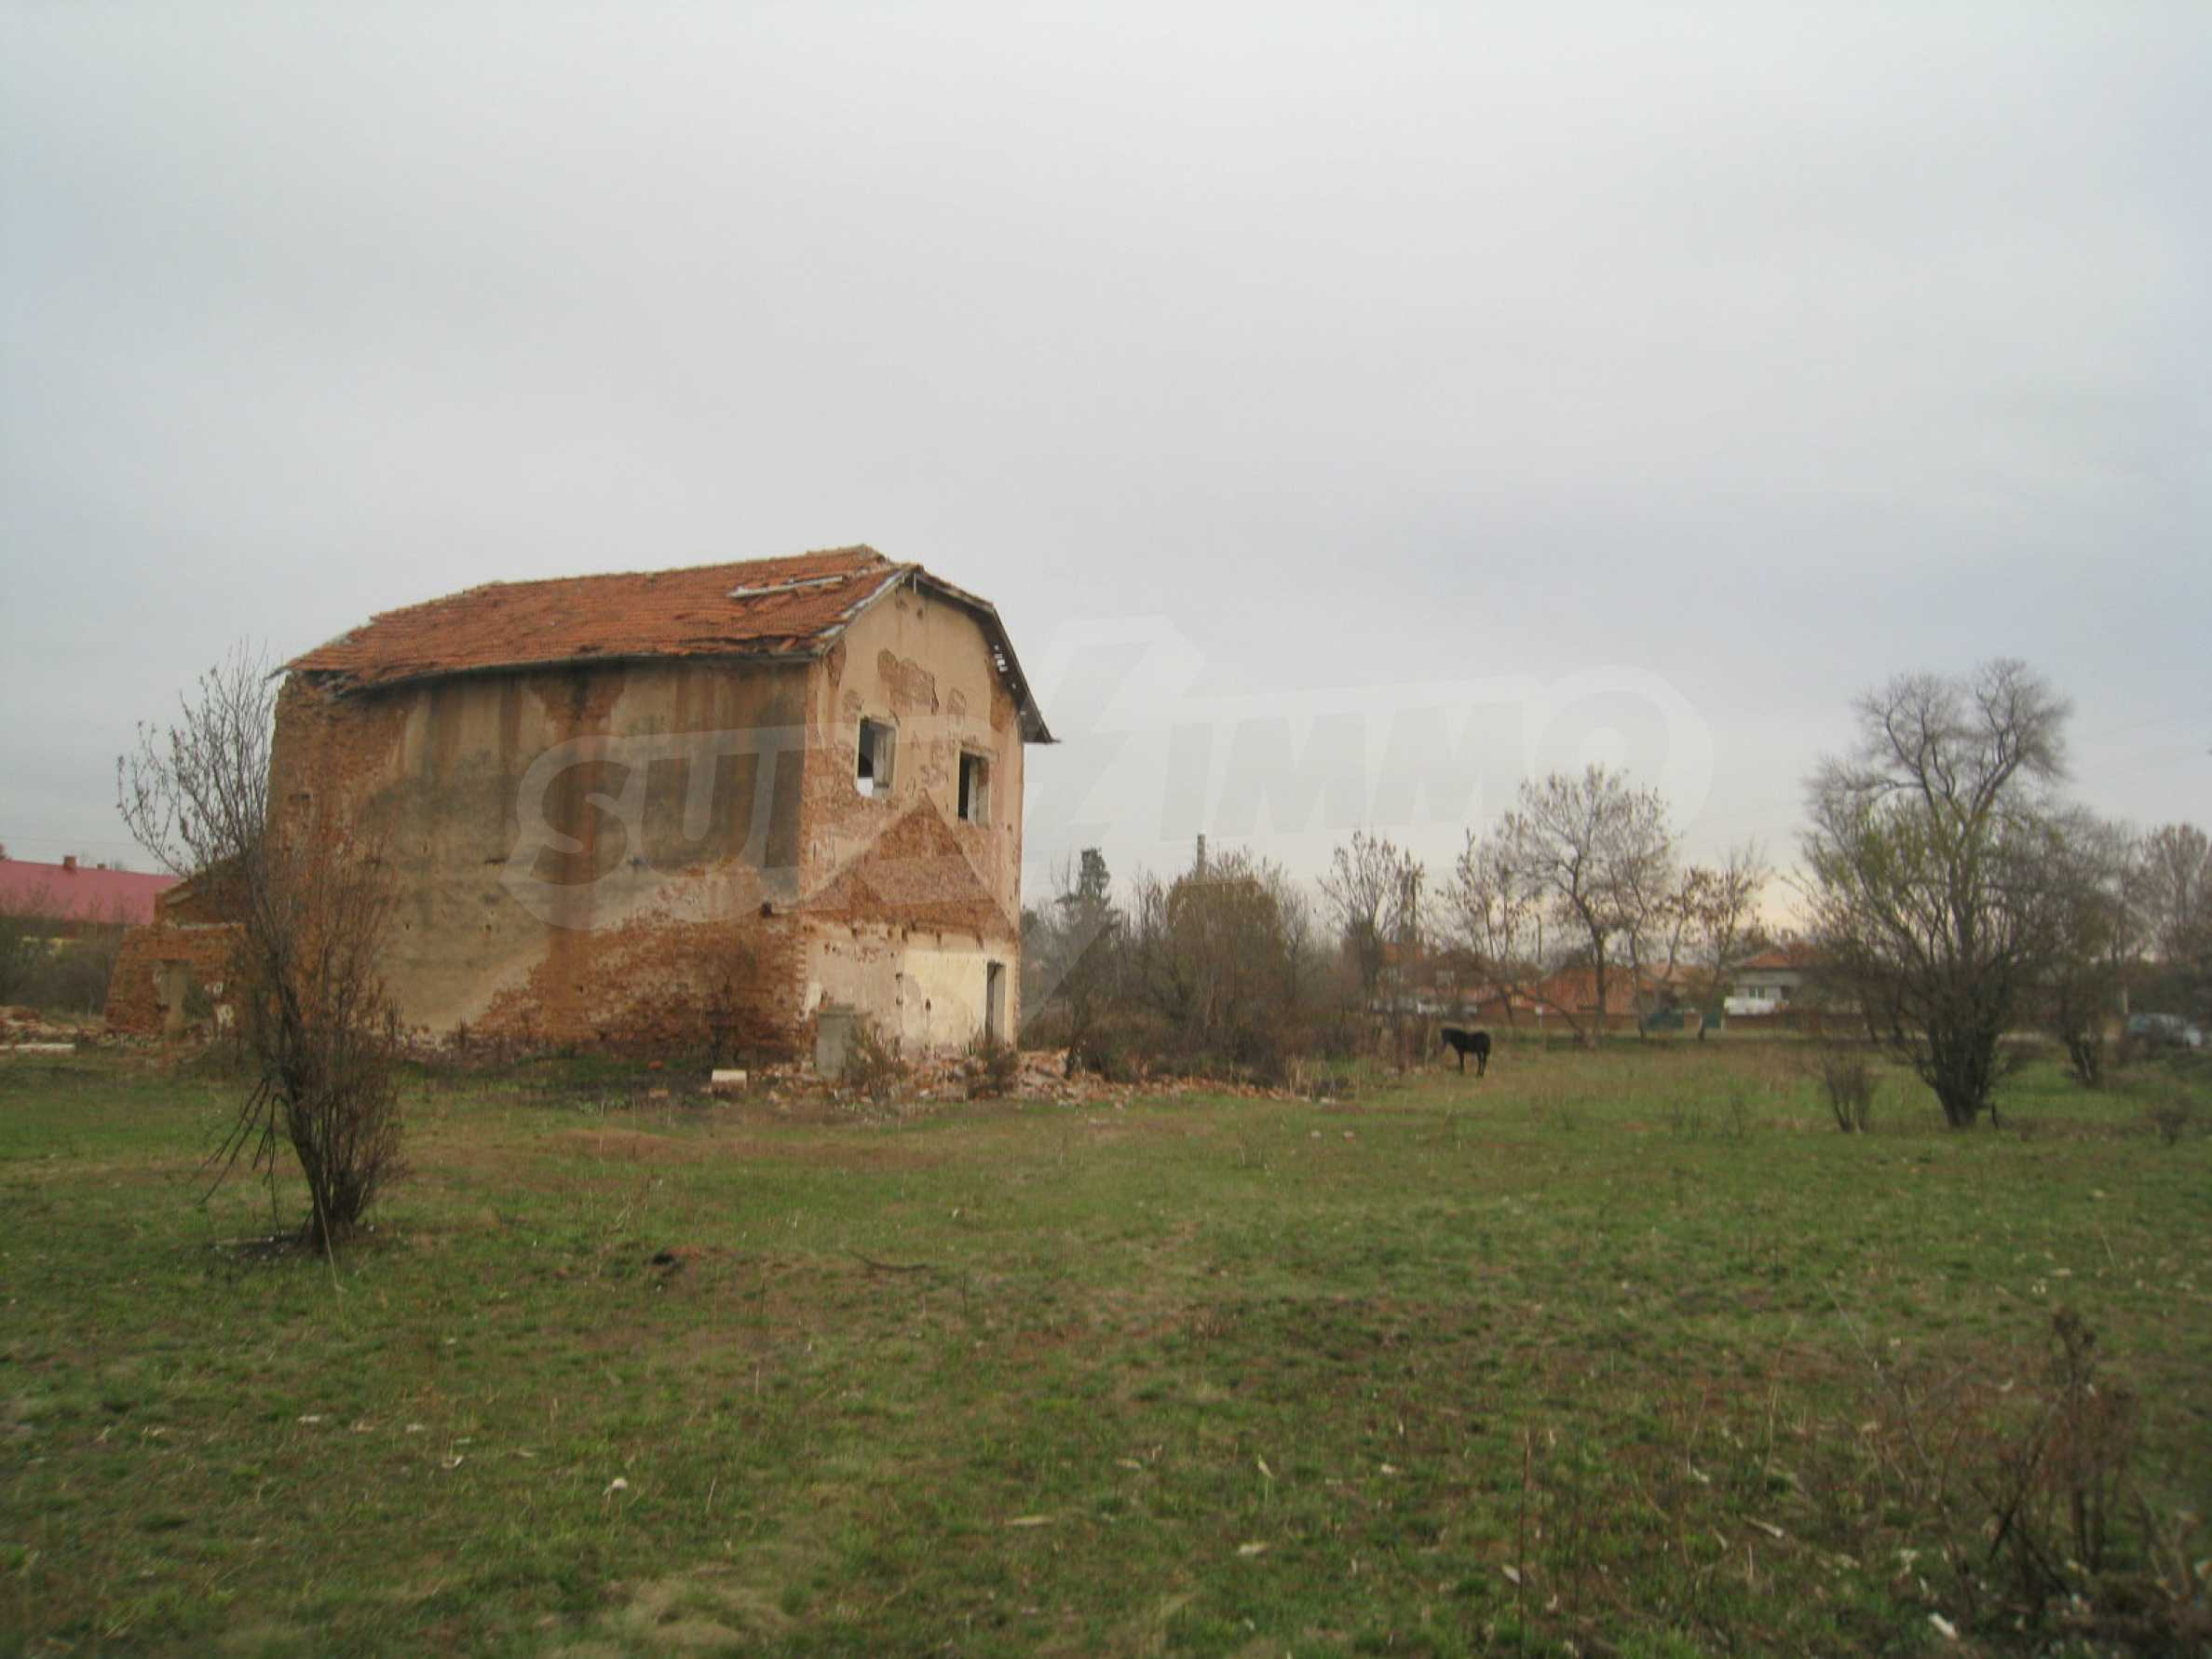 Solides dreistöckiges Gebäude (ehemalige Mühle) mit Hof in der Nähe von Elin Pelin 21